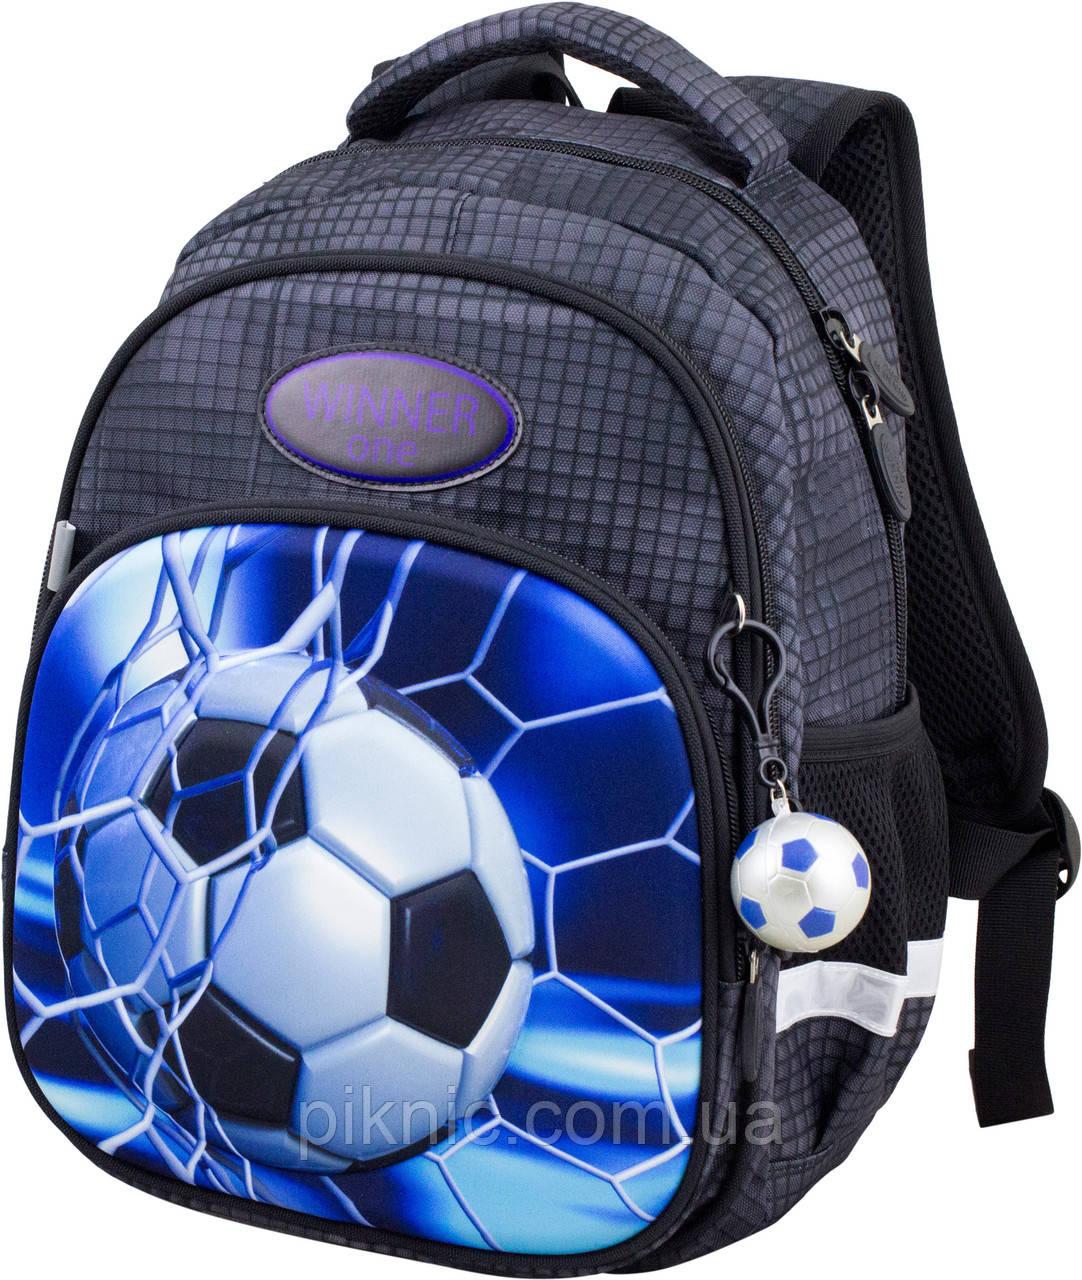 Рюкзак дошкільний для хлопчиків Winner One 1709 Рюкзак портфель ортопедичний 1 клас